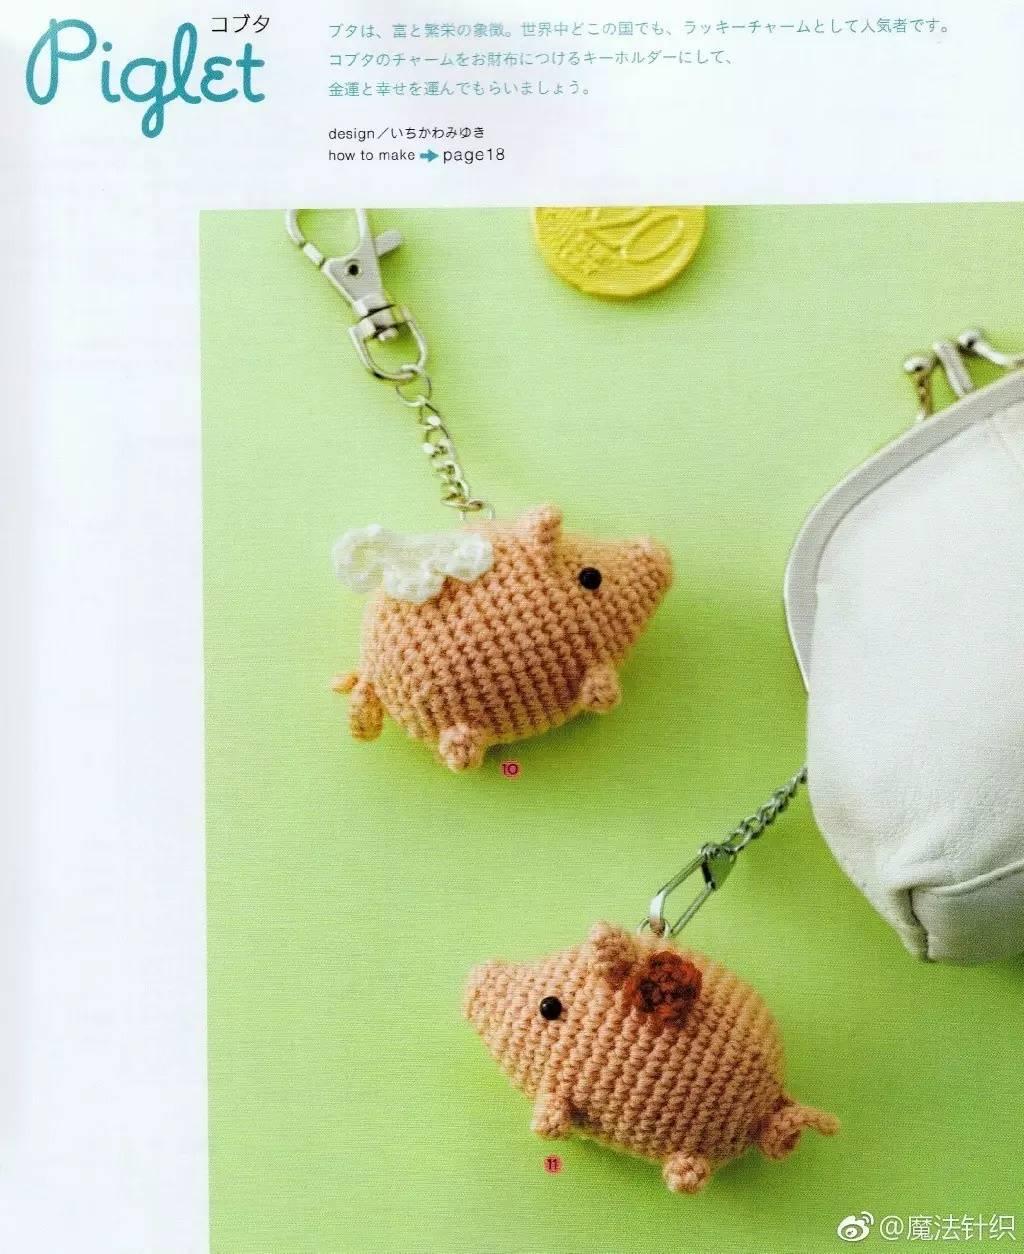 钩针图解 | 飞天猪和它的盆友小青蛙